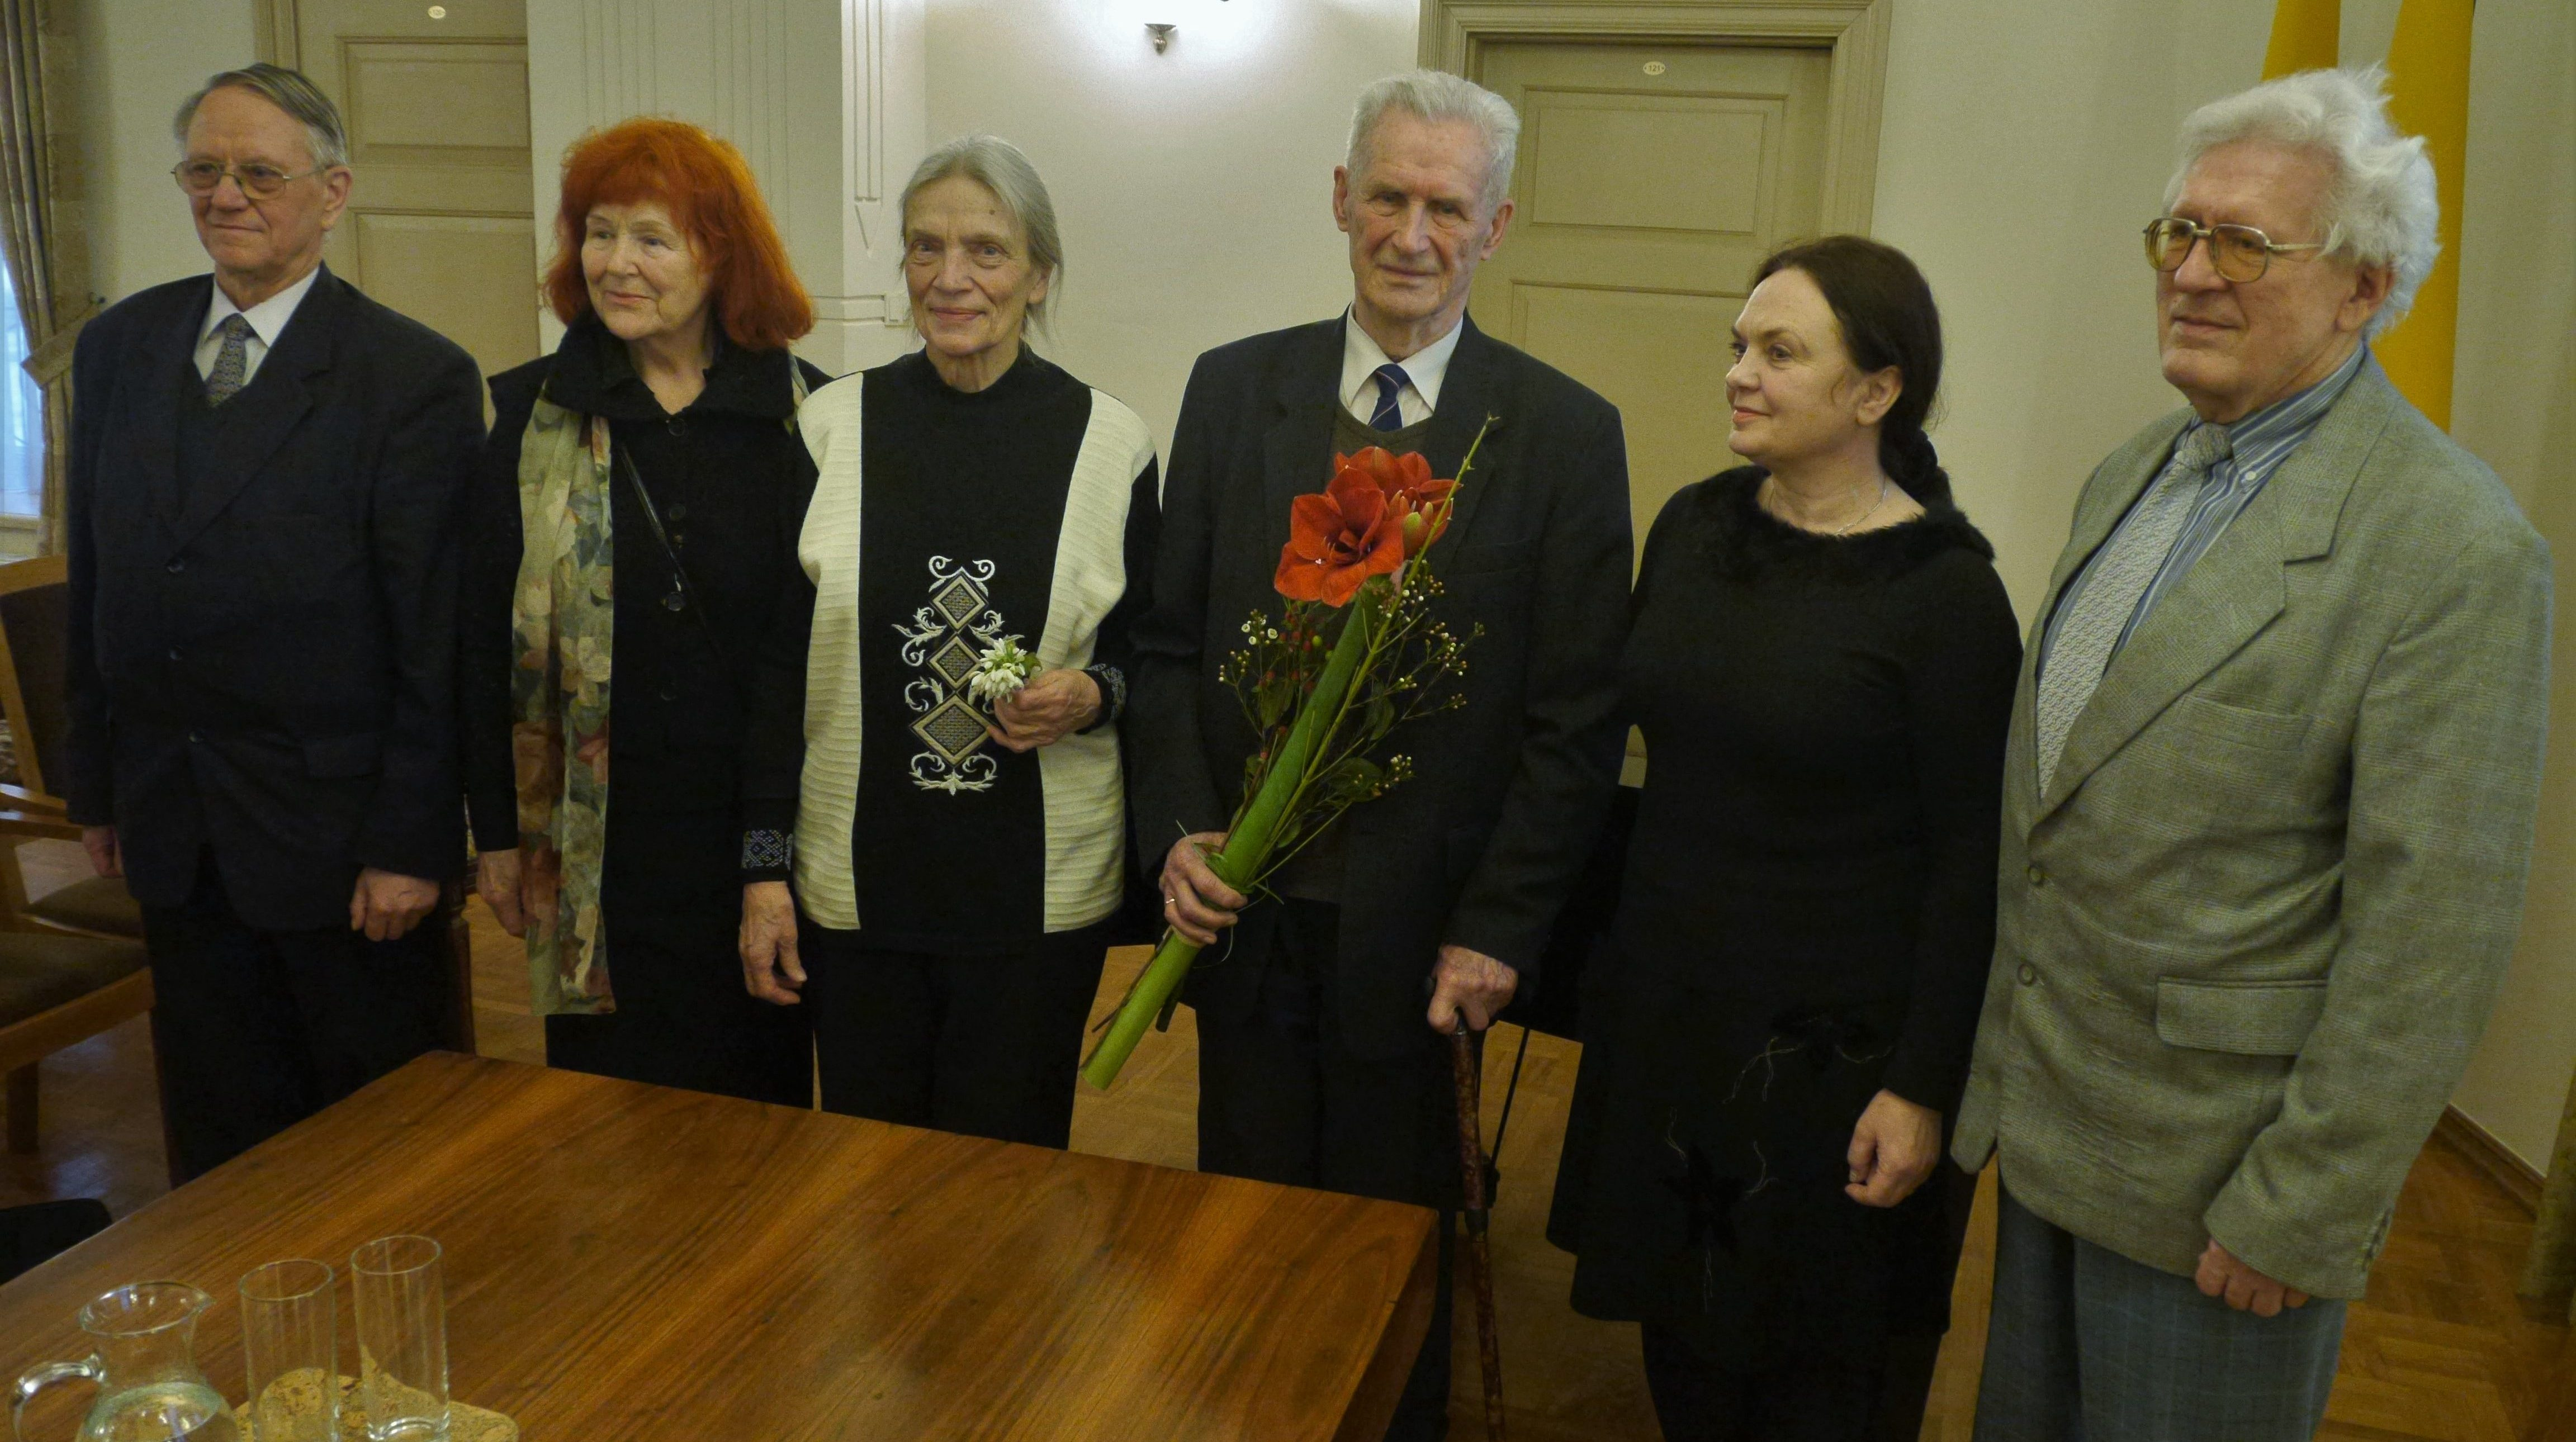 dr. Kazys Napaleonas Kitkauskas sveikinamas po Vasario 16-osios akto signataro Donato Malinausko kultūros premijos įteikimo 2017 m. kovo 11 d. | Alkas.lt, J. Vaiškūno nuotr.